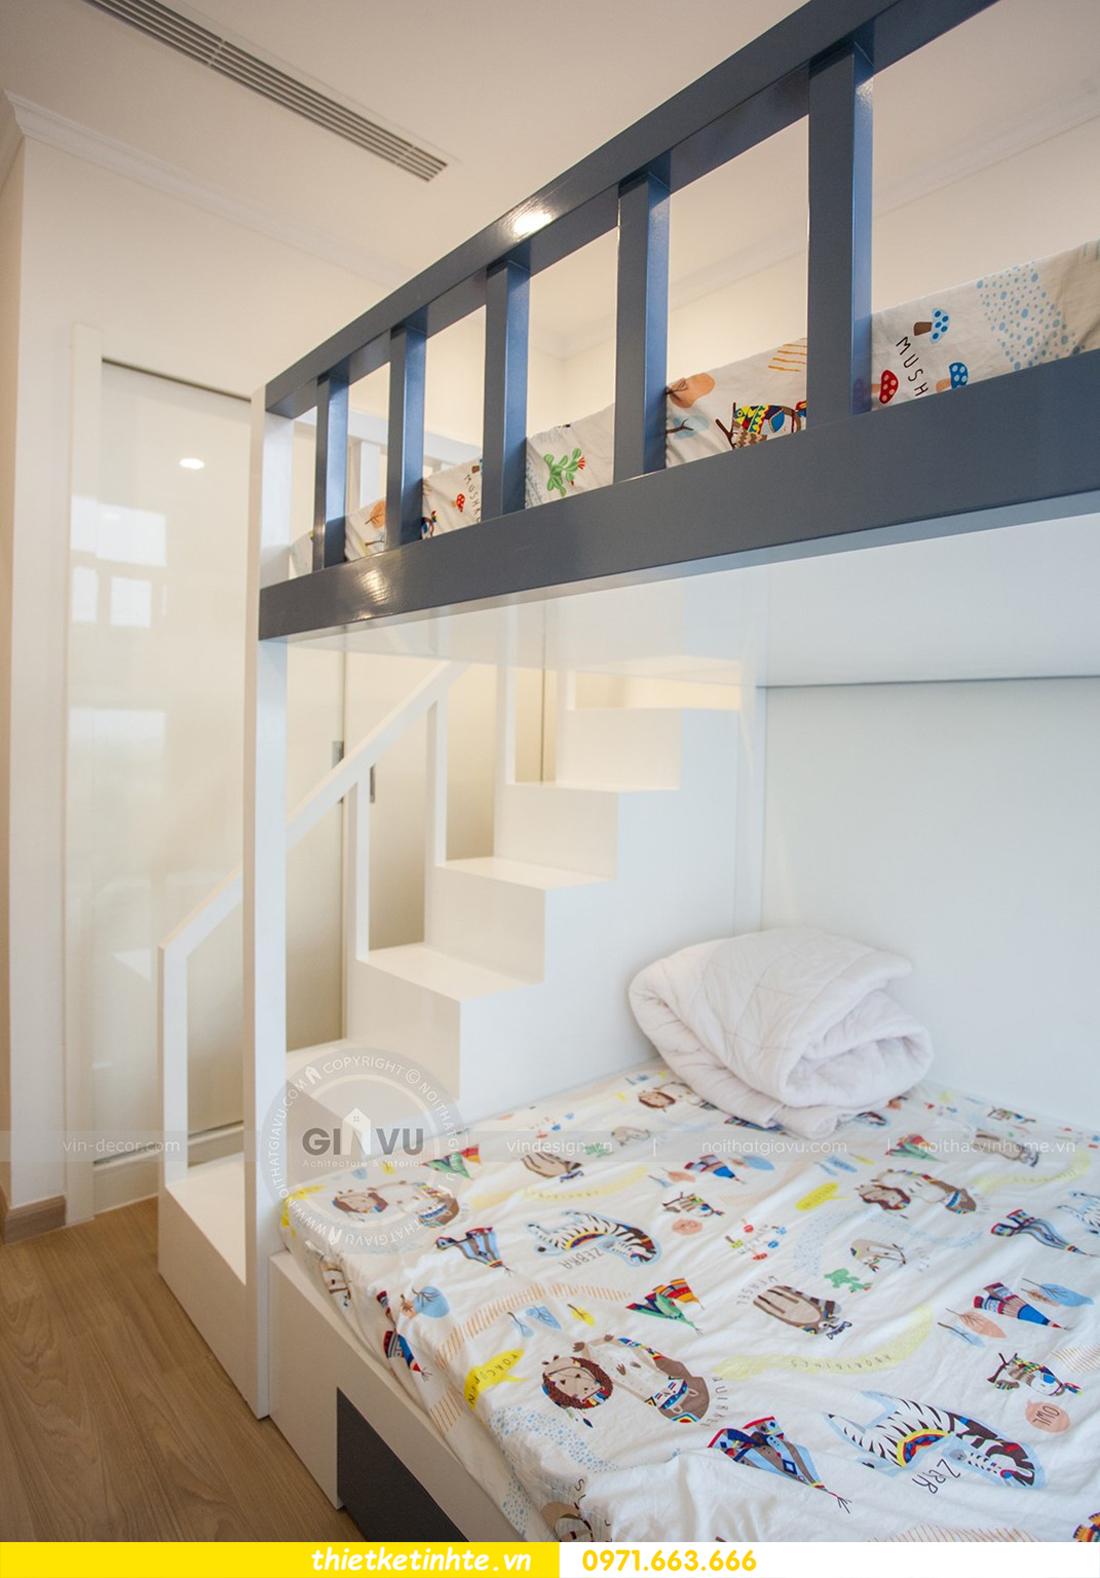 hoàn thiện nội thất căn hộ Vinhomes Gardenia tòa A2 căn 03 anh Hưởng 13